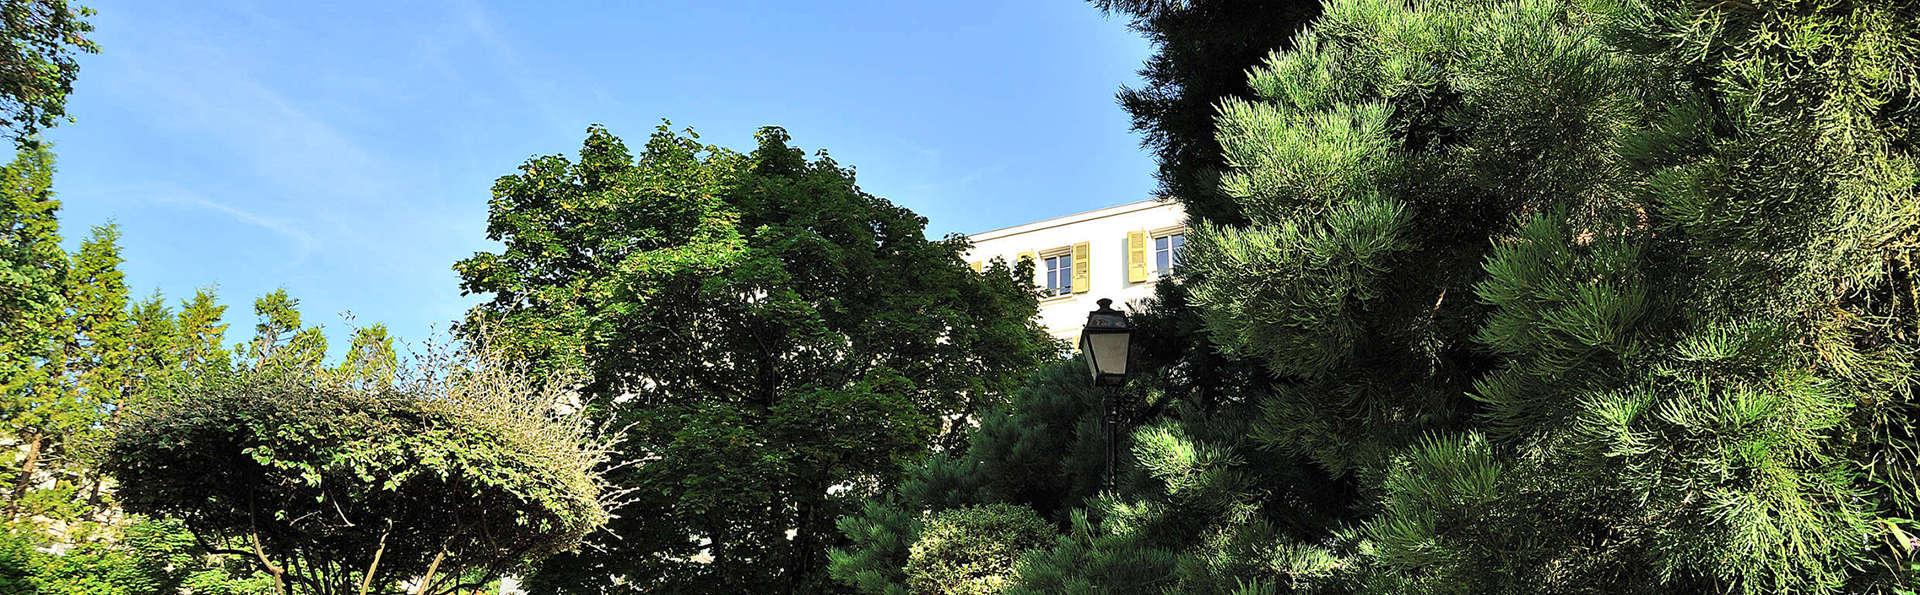 Domaine de Divonne  - edit_garden.jpg